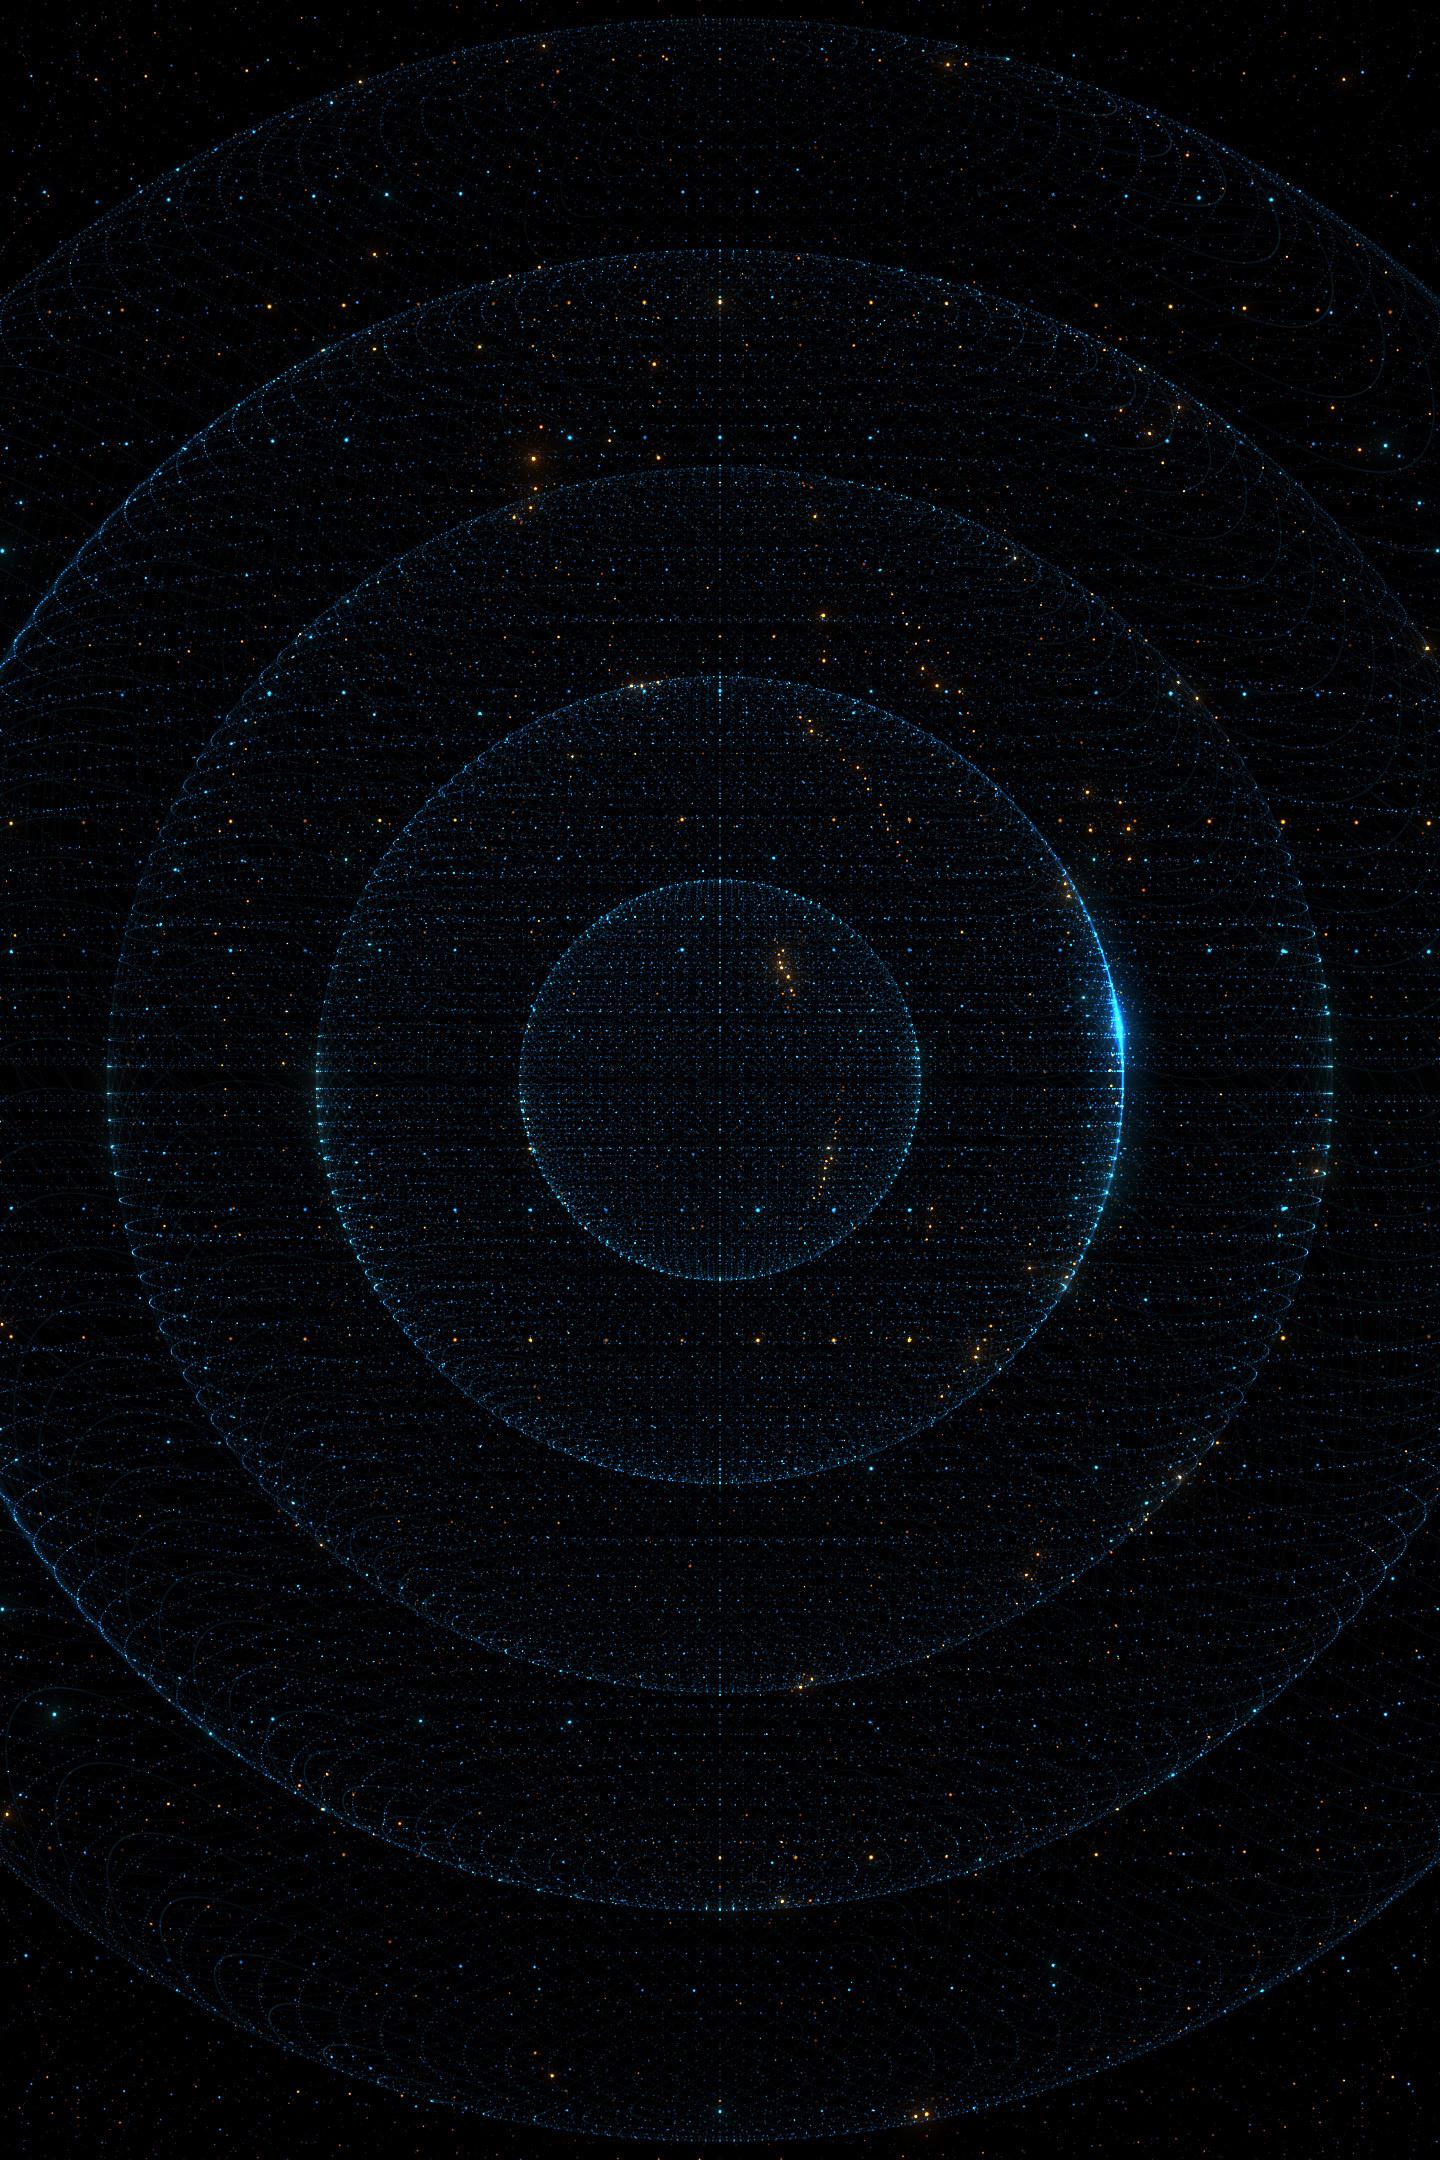 Download 1440x2630 Wallpaper Particles Dark Circles